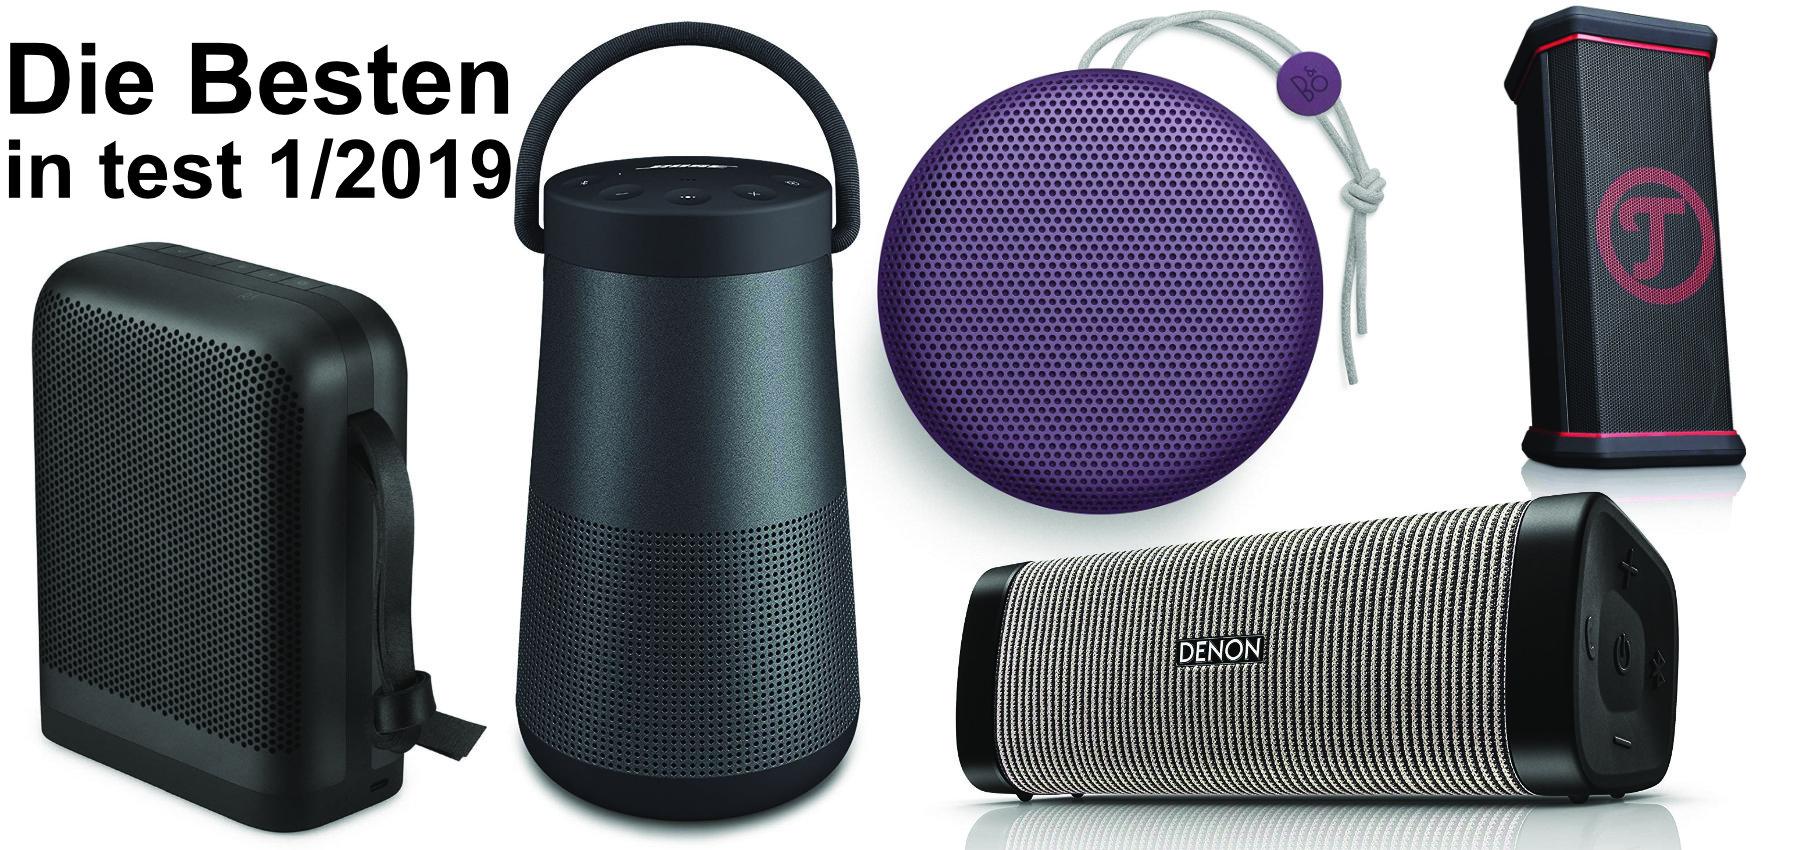 Das sind die fünf besten Bluetooth-Lautsprecher laut Stiftung Warentest im test-Magazin 1 / 2019. Produktbilder: Amazon